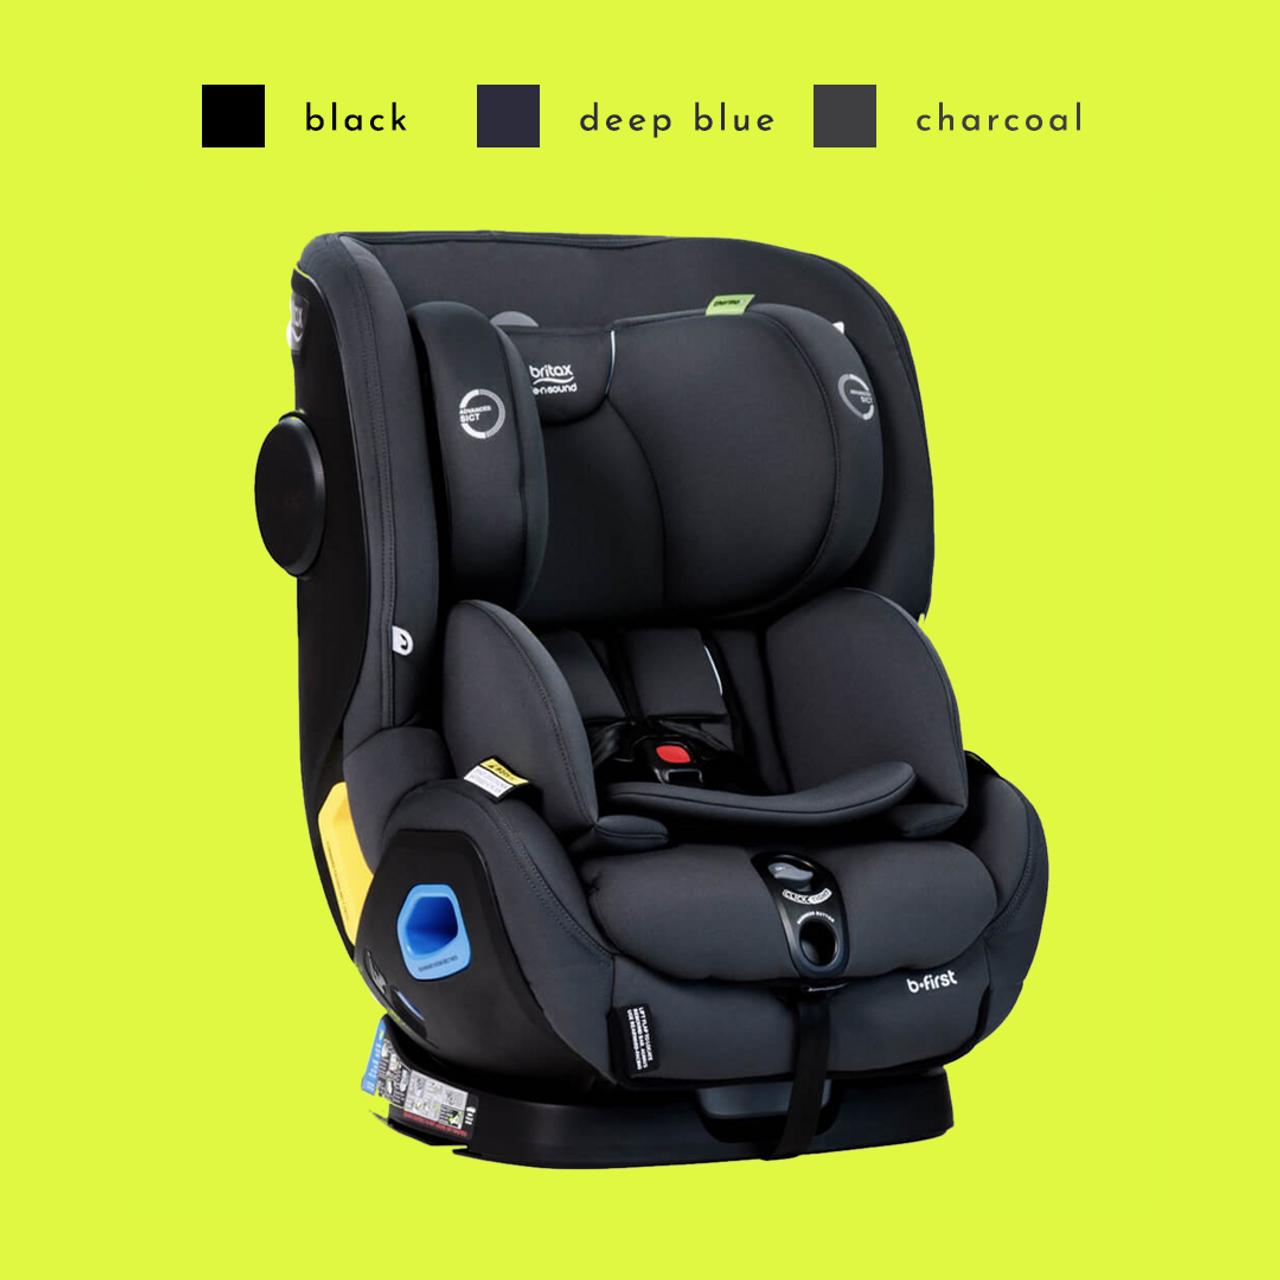 The New Britax B First Car Seat